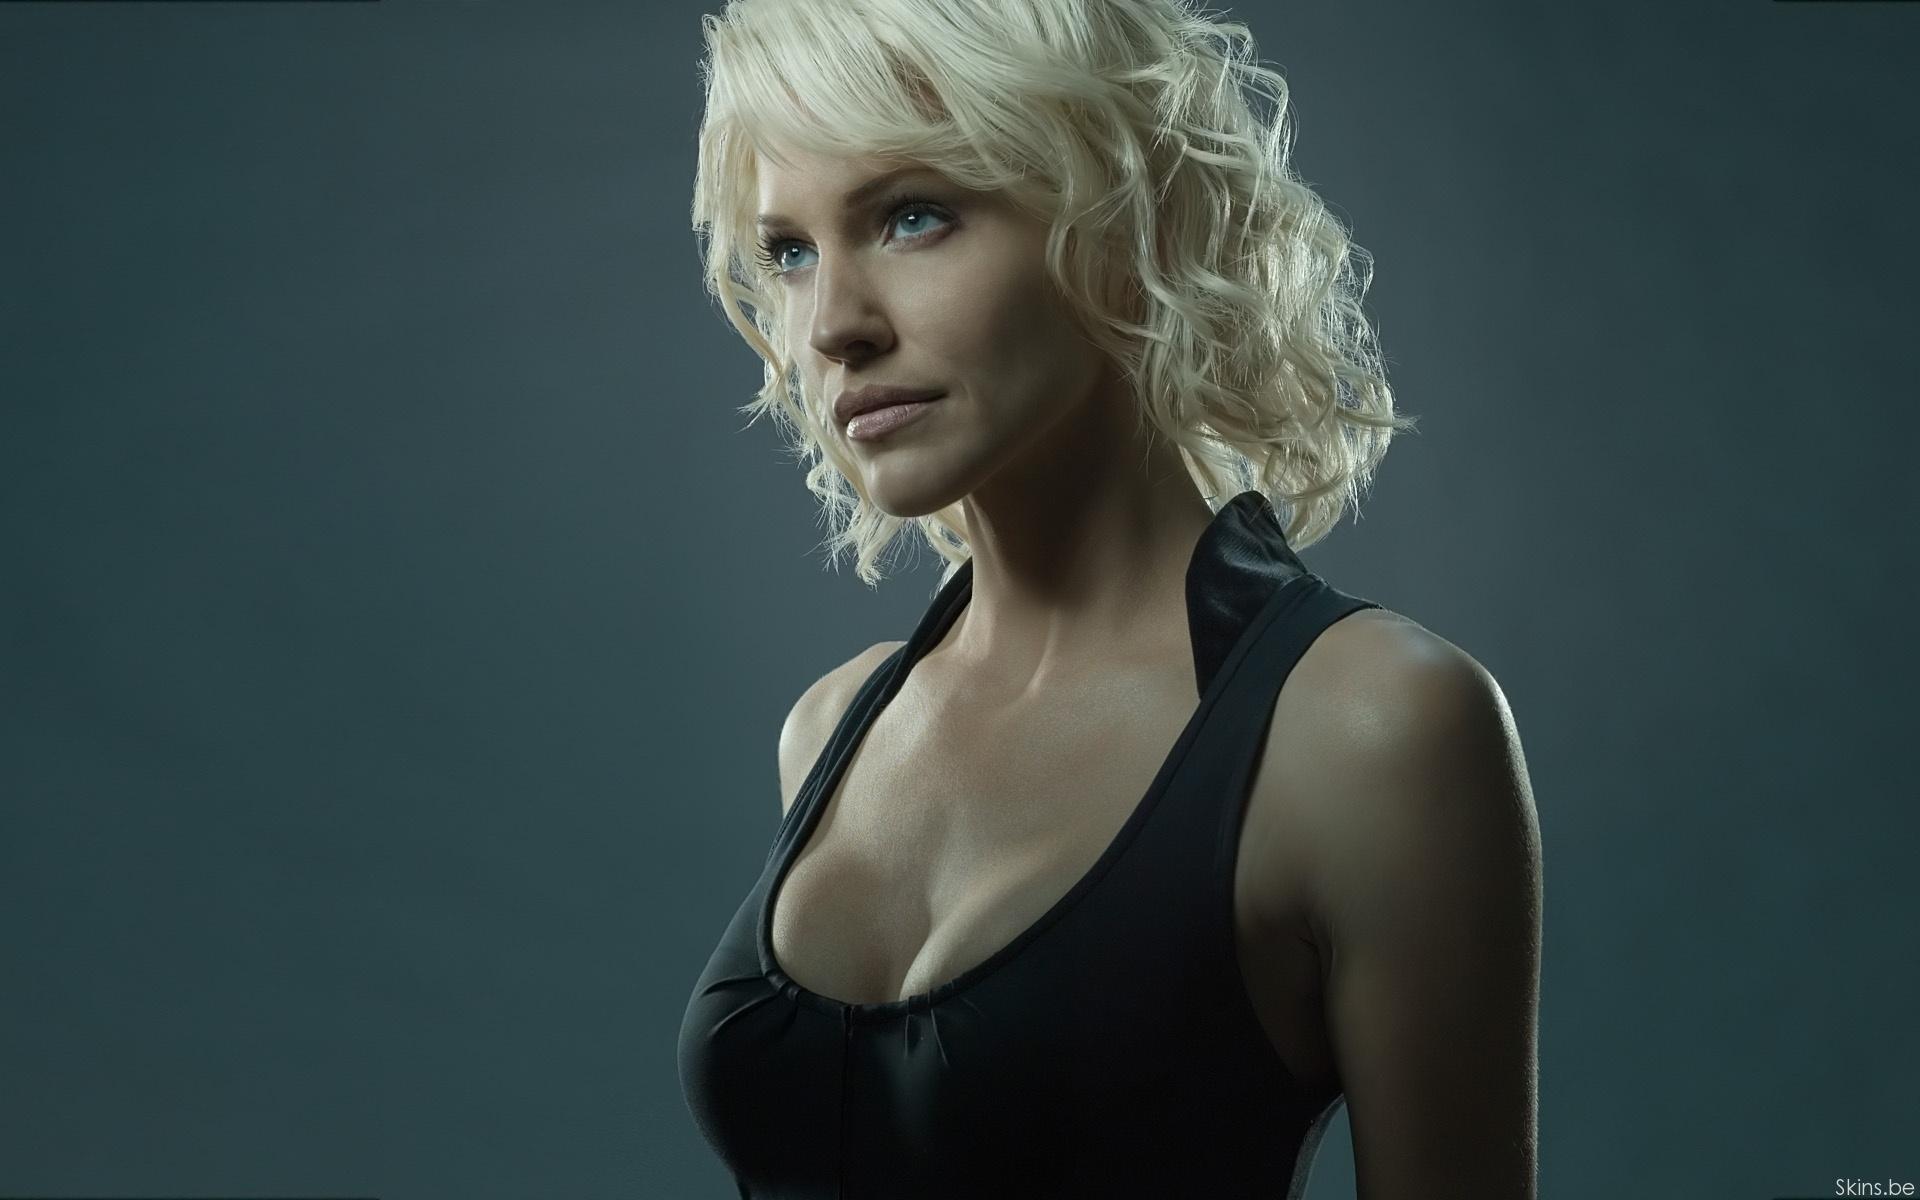 Tricia Helfer 'Battlestar Galactica' Widescreen Wallpaper